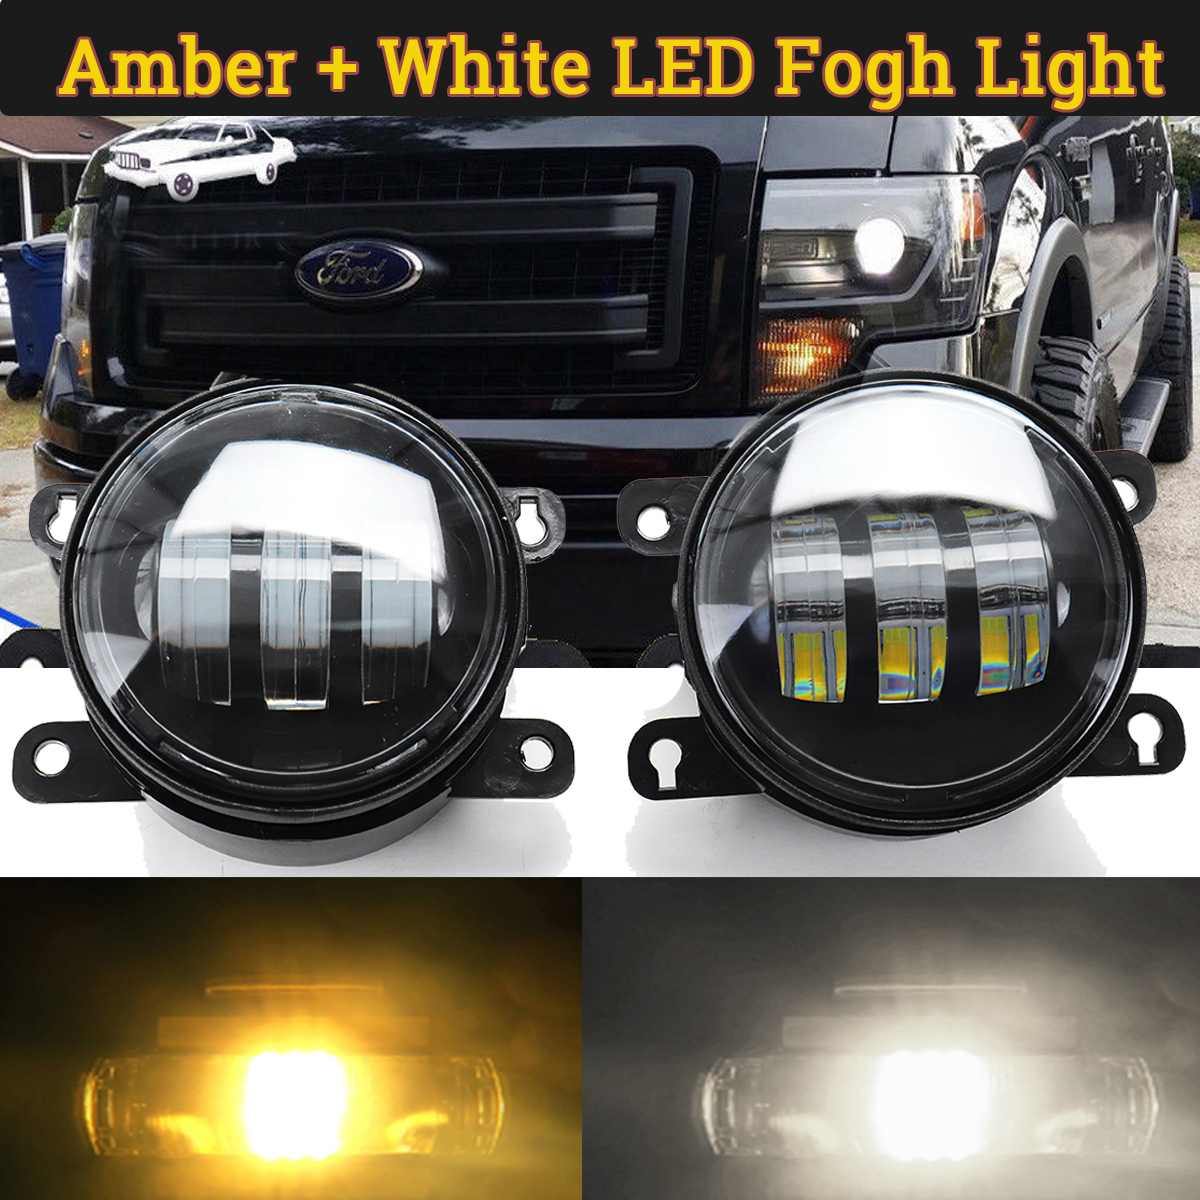 Par de luces de circulación diurna DRL para coche de 4 pulgadas, luces antiniebla LED COB impermeables de doble Color para Ford F150, Nissan, Subaru